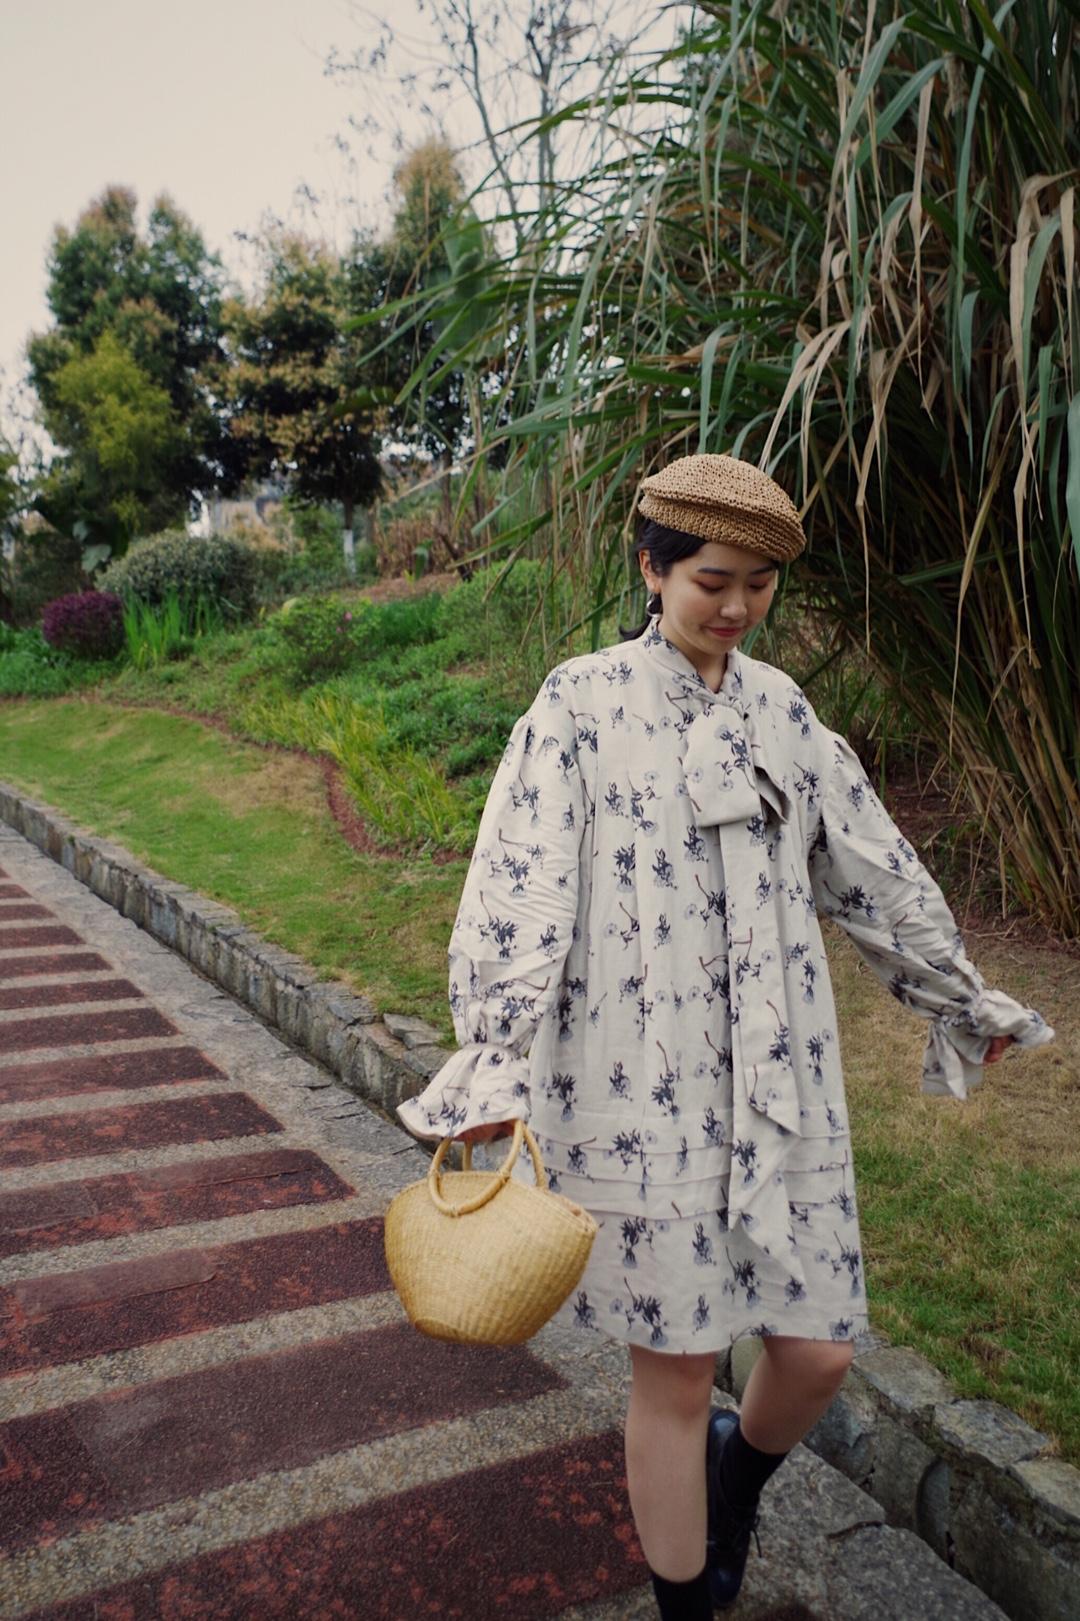 草编是春夏不能缺少的一个有趣元素,这一套的草编帽和草编包都是好看又实用类型,与碎花连衣裙搭在一起满满的复古小清新田园感,牛津鞋搭配黑袜子,又增添了一丝个性的英伦味道,走吧,我们去草坪野餐~#五一的桃花运一秒穿上身~#